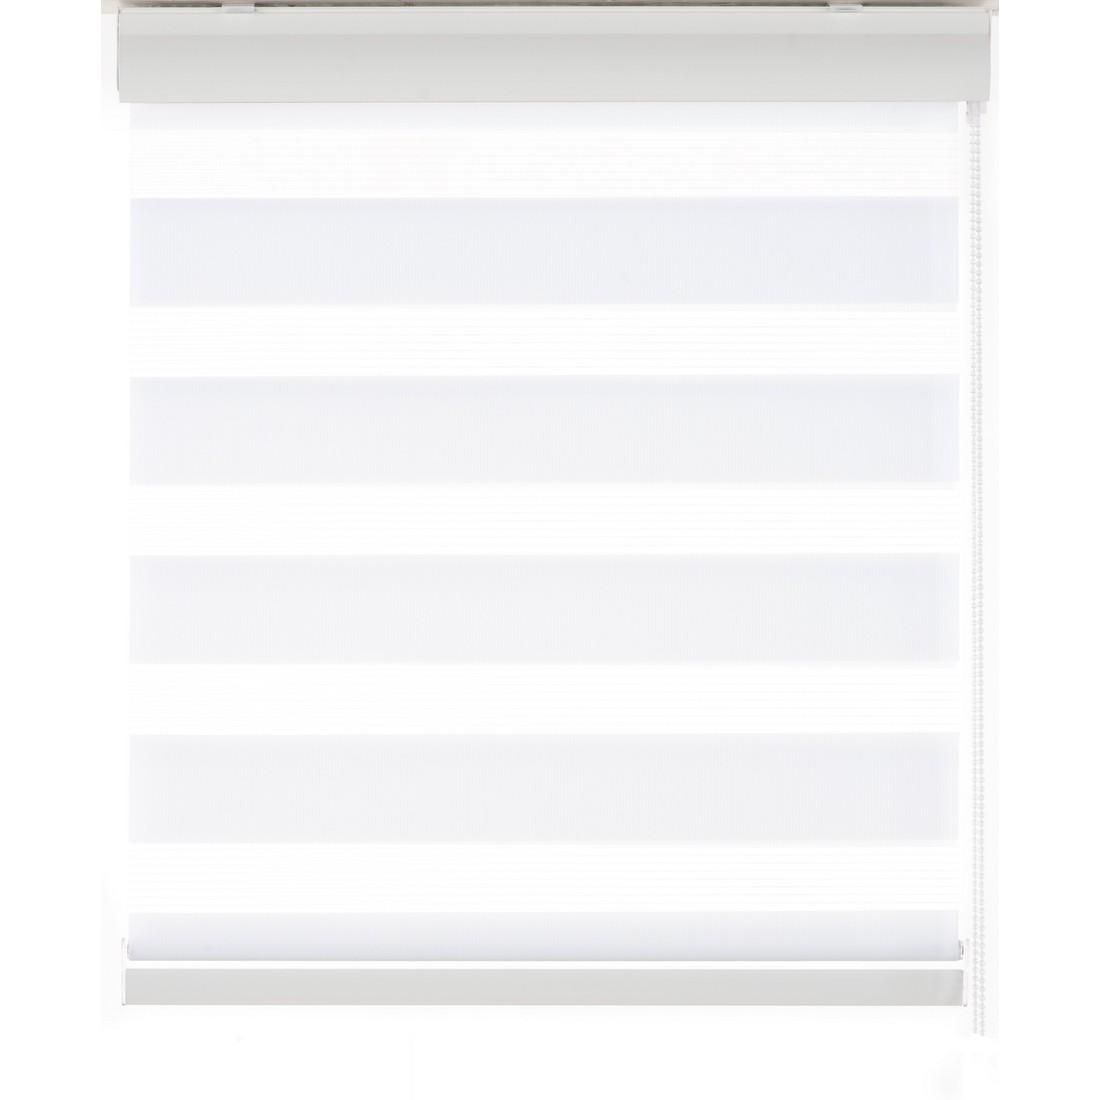 Doppelrollo London (Breite 100-200 cm) – mit Blende – Weiß – Breite: 160 cm Höhe: 240 cm, Sandega kaufen